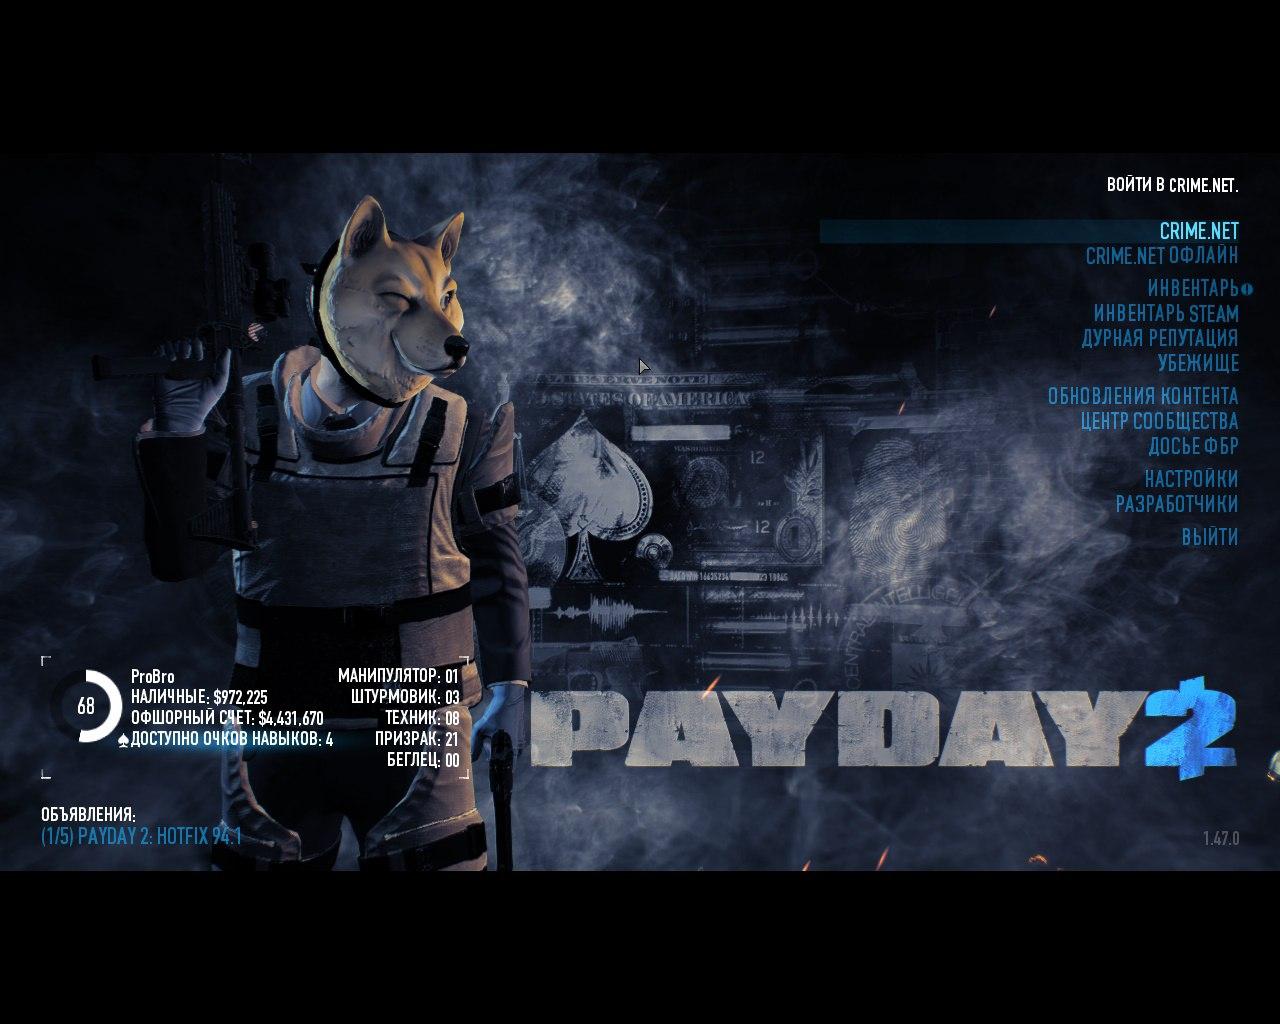 Ищу напарника для игры PayDay 2.